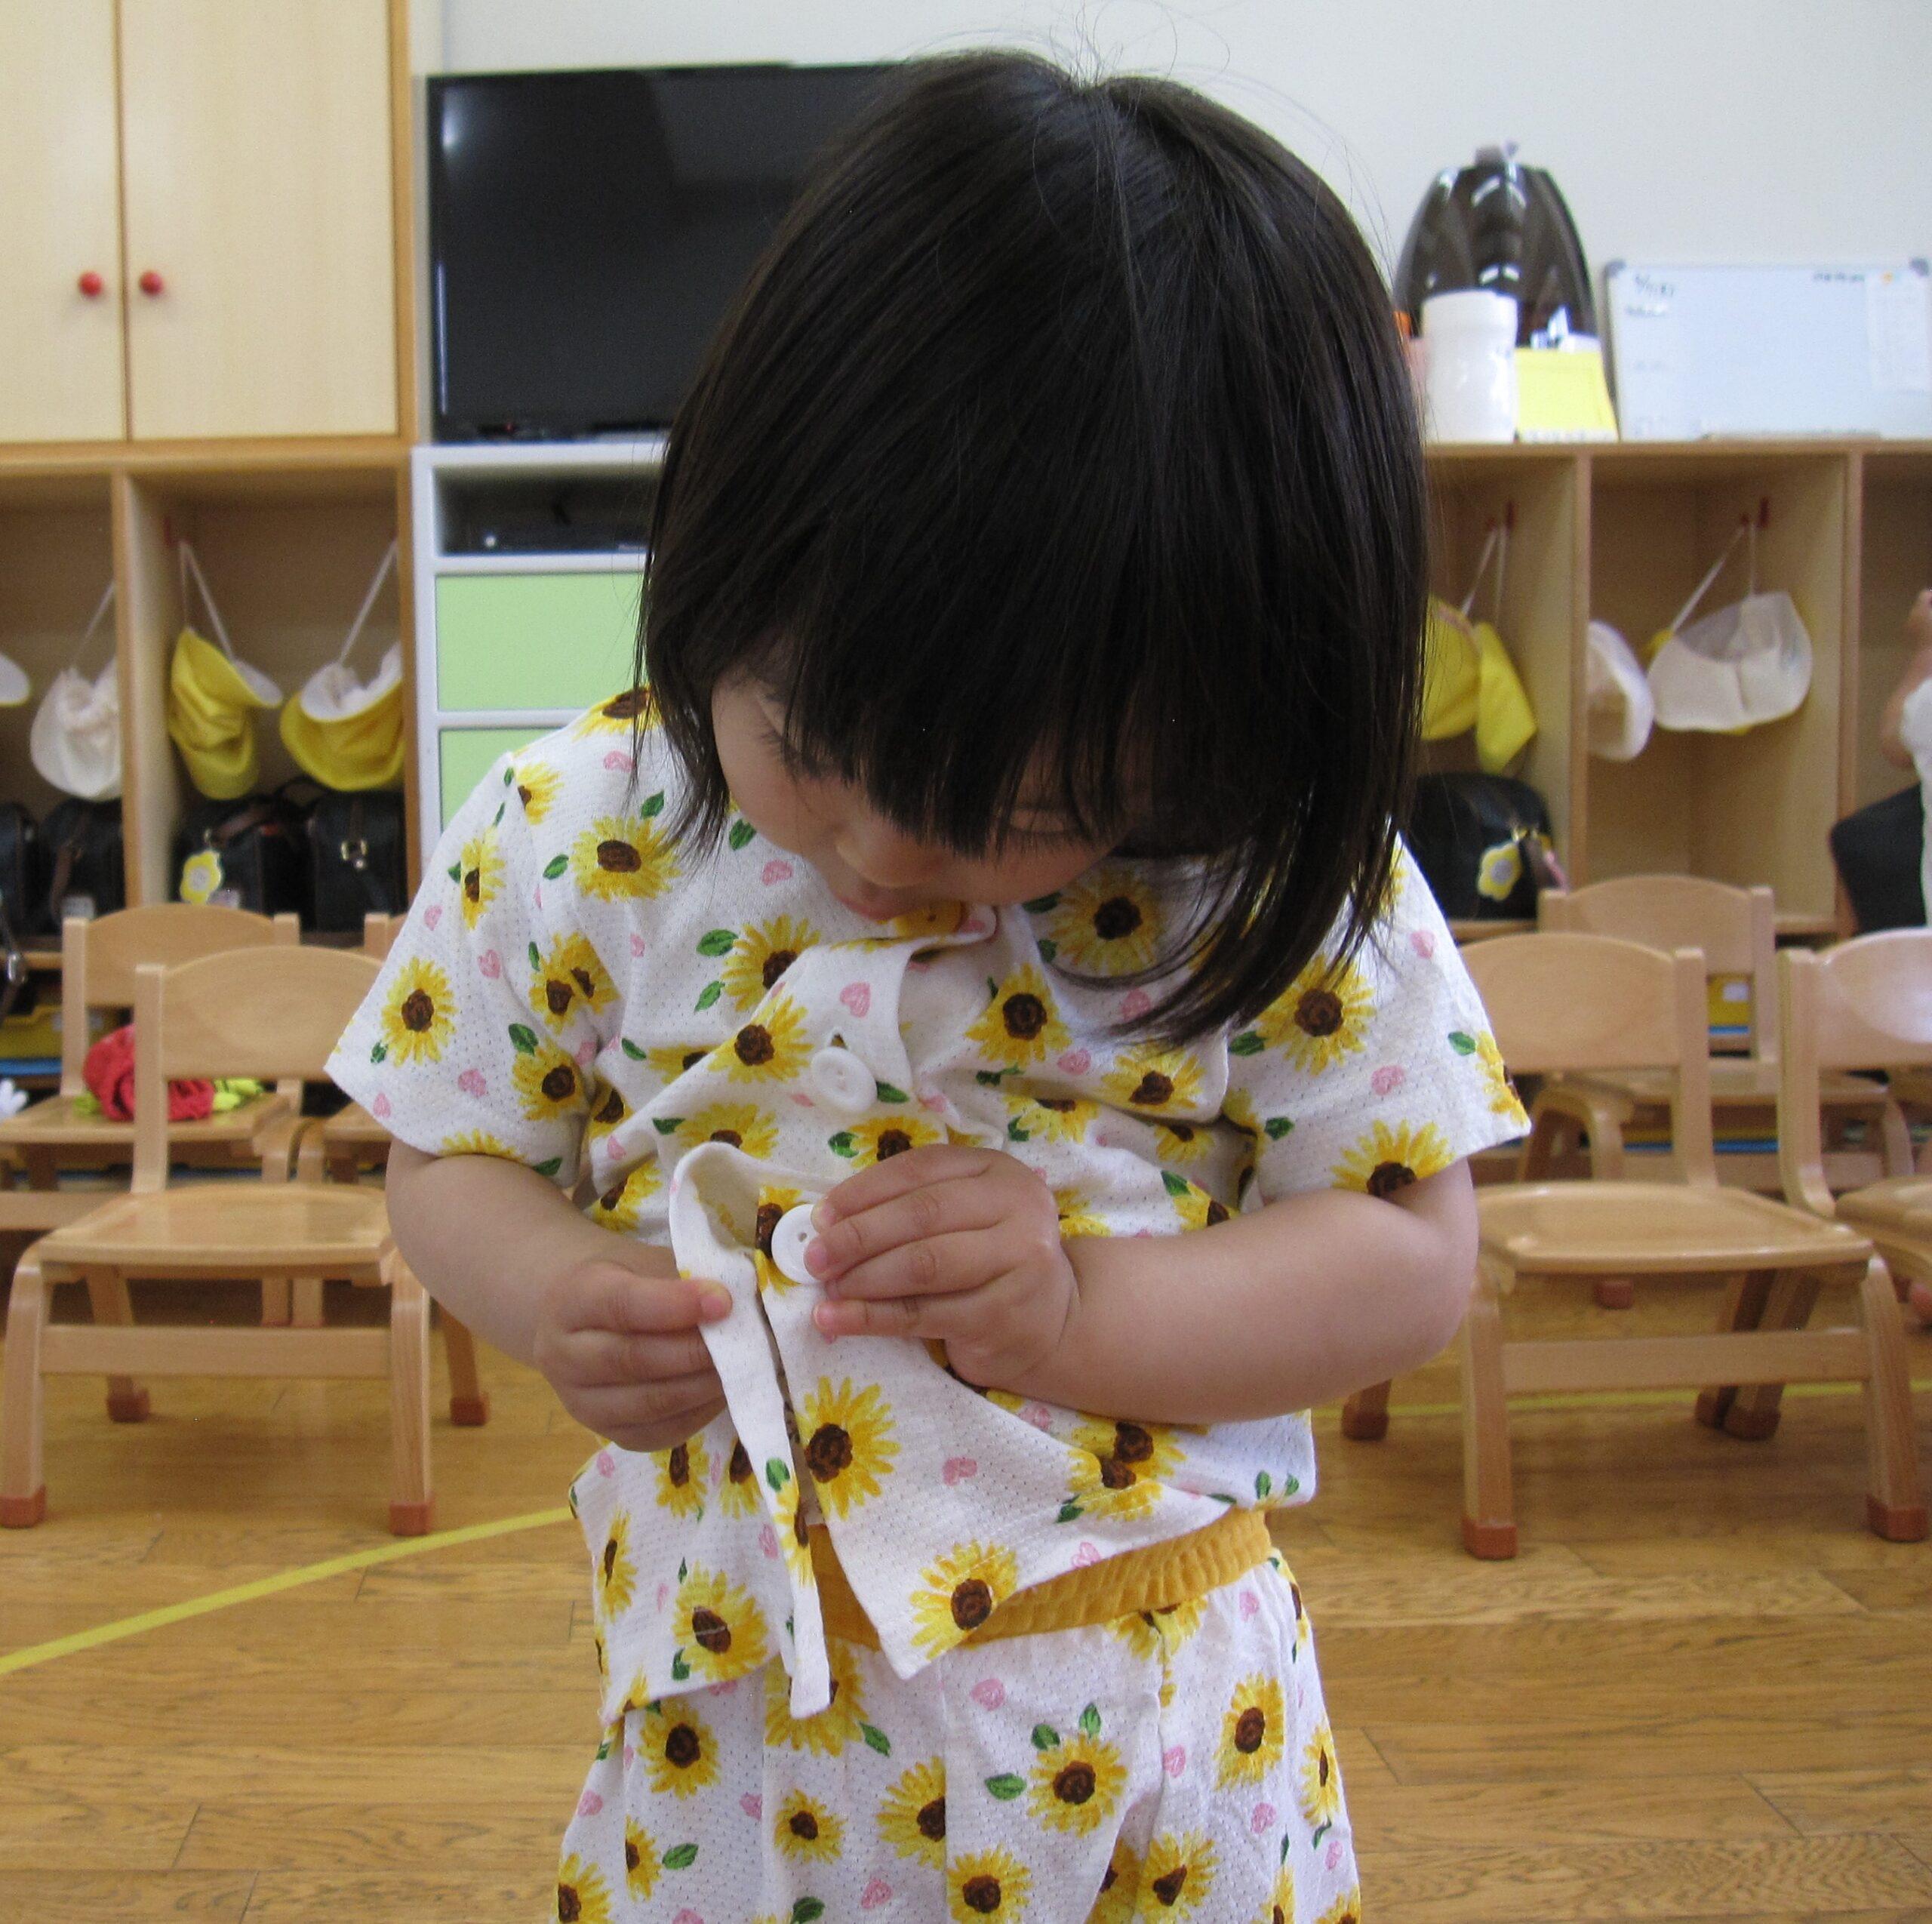 パジャマの着脱の練習でボタン掛けも出来るようになってきたよ☆